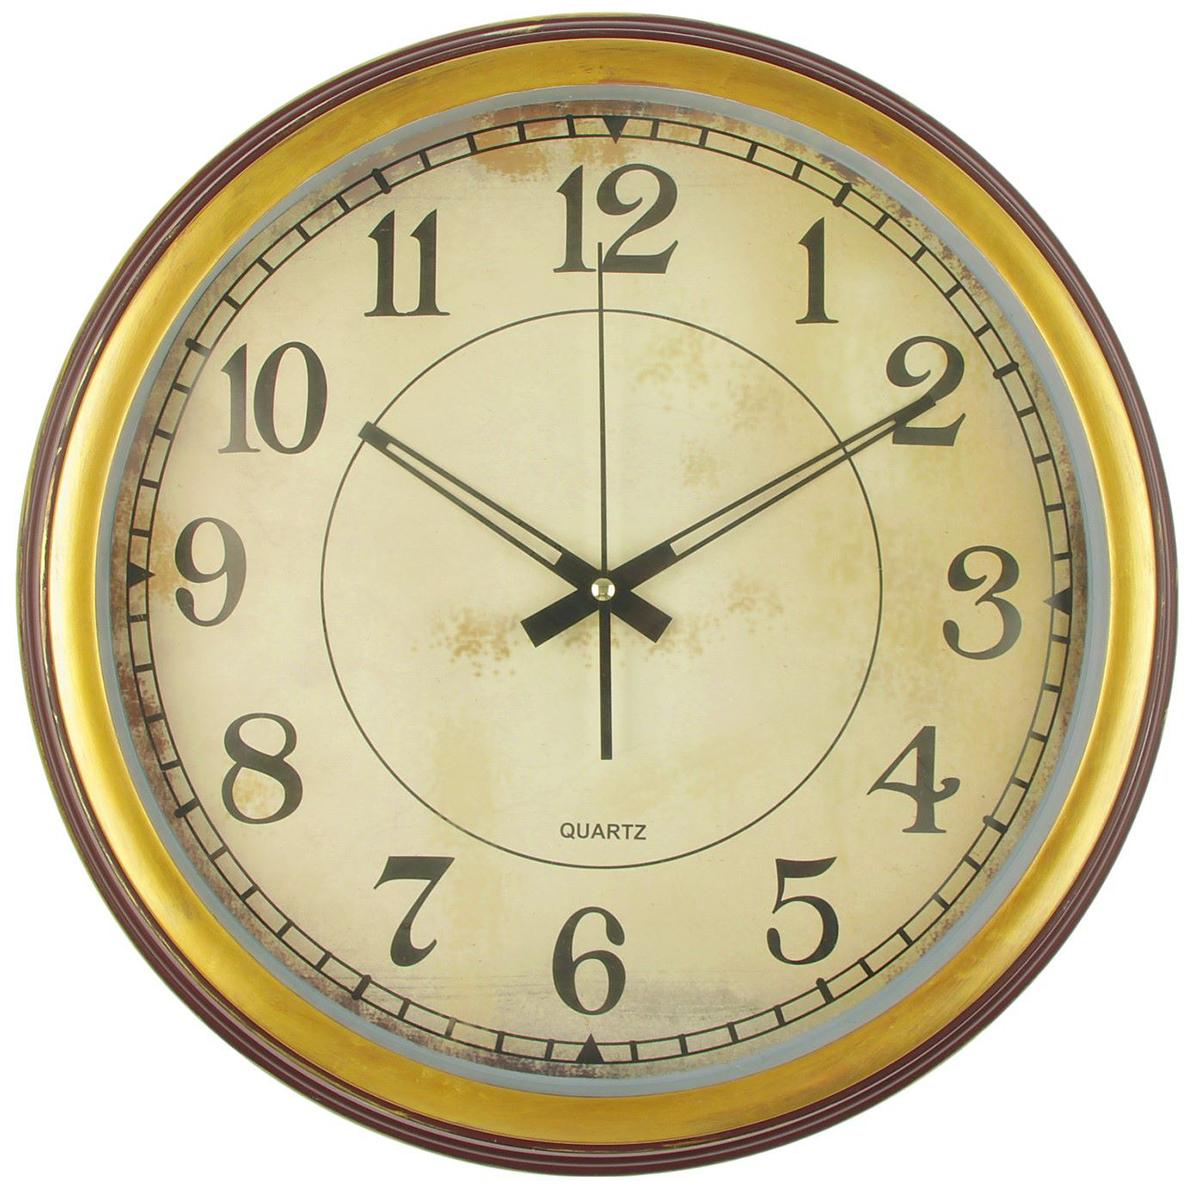 Часы настенные Старина, 40 х 40 см2590546Каждому хозяину периодически приходит мысль обновить свою квартиру, сделать ремонт, перестановку или кардинально поменять внешний вид каждой комнаты. — привлекательная деталь, которая поможет воплотить вашу интерьерную идею, создать неповторимую атмосферу в вашем доме. Окружите себя приятными мелочами, пусть они радуют глаз и дарят гармонию.Часы настенные классика круг пластик объемные, края под дерево с золотом, старина 40*40см 2590546